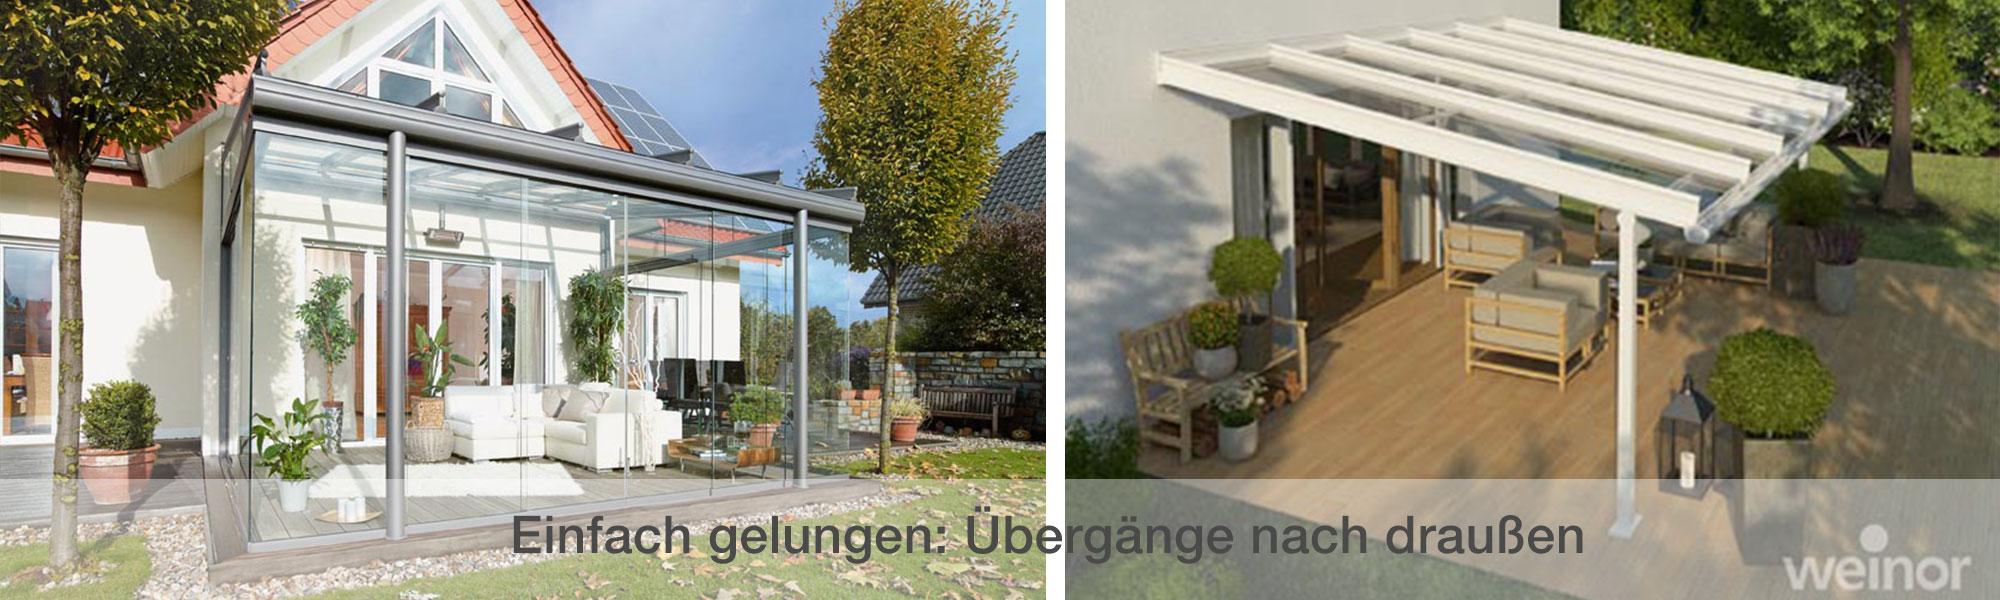 Mit Top-Qualität von weinor Terrassen mit Stil überdachen!